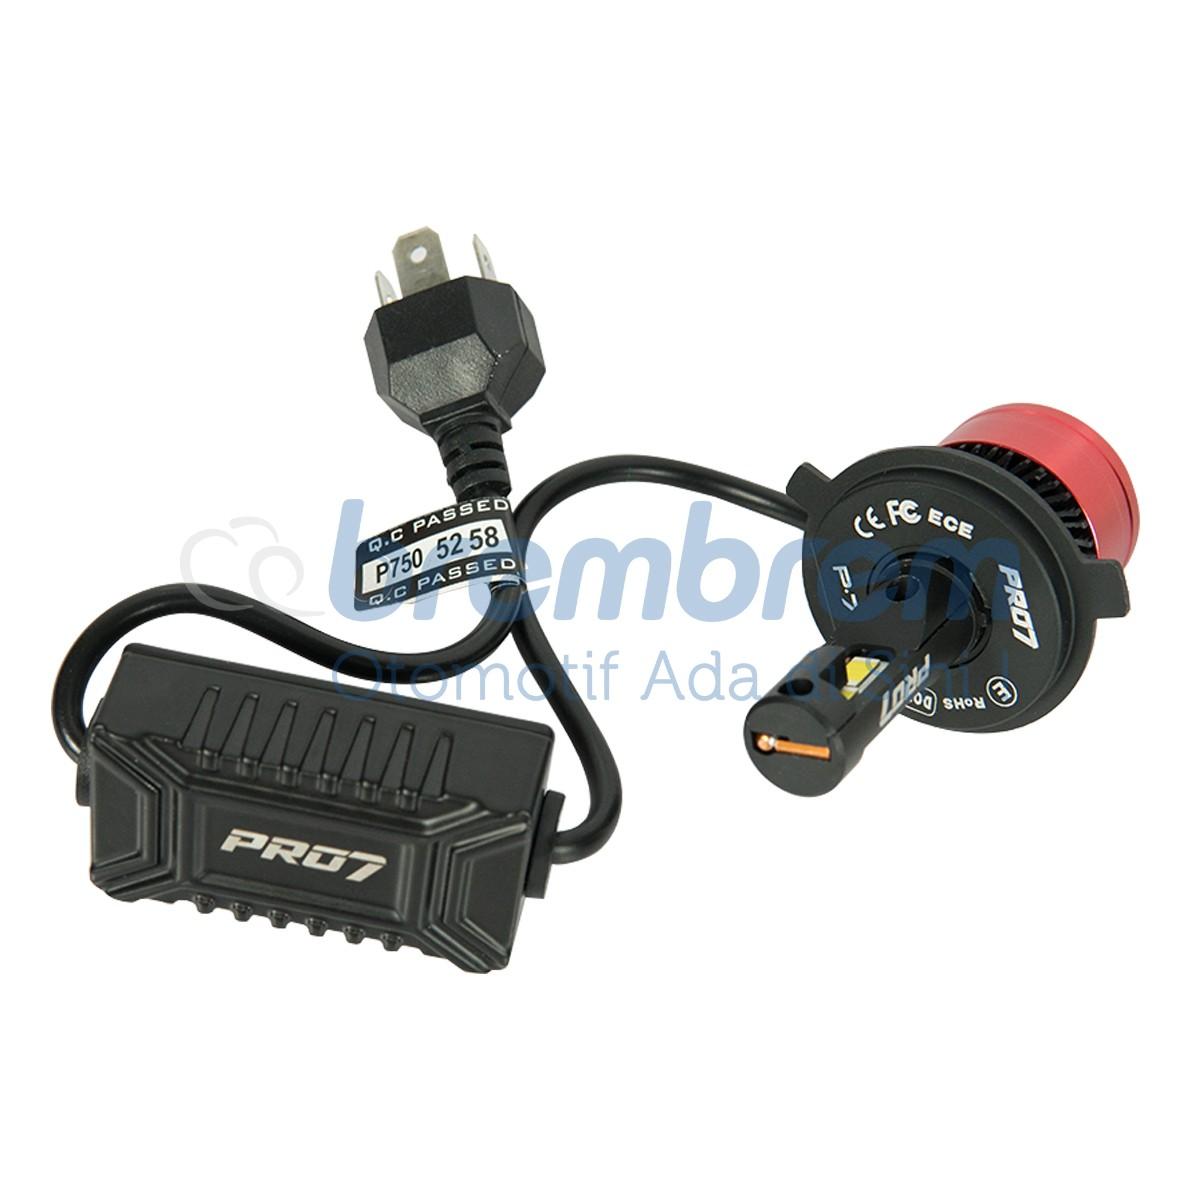 PRO7 P.750 H4 (5700K) - LAMPU LED